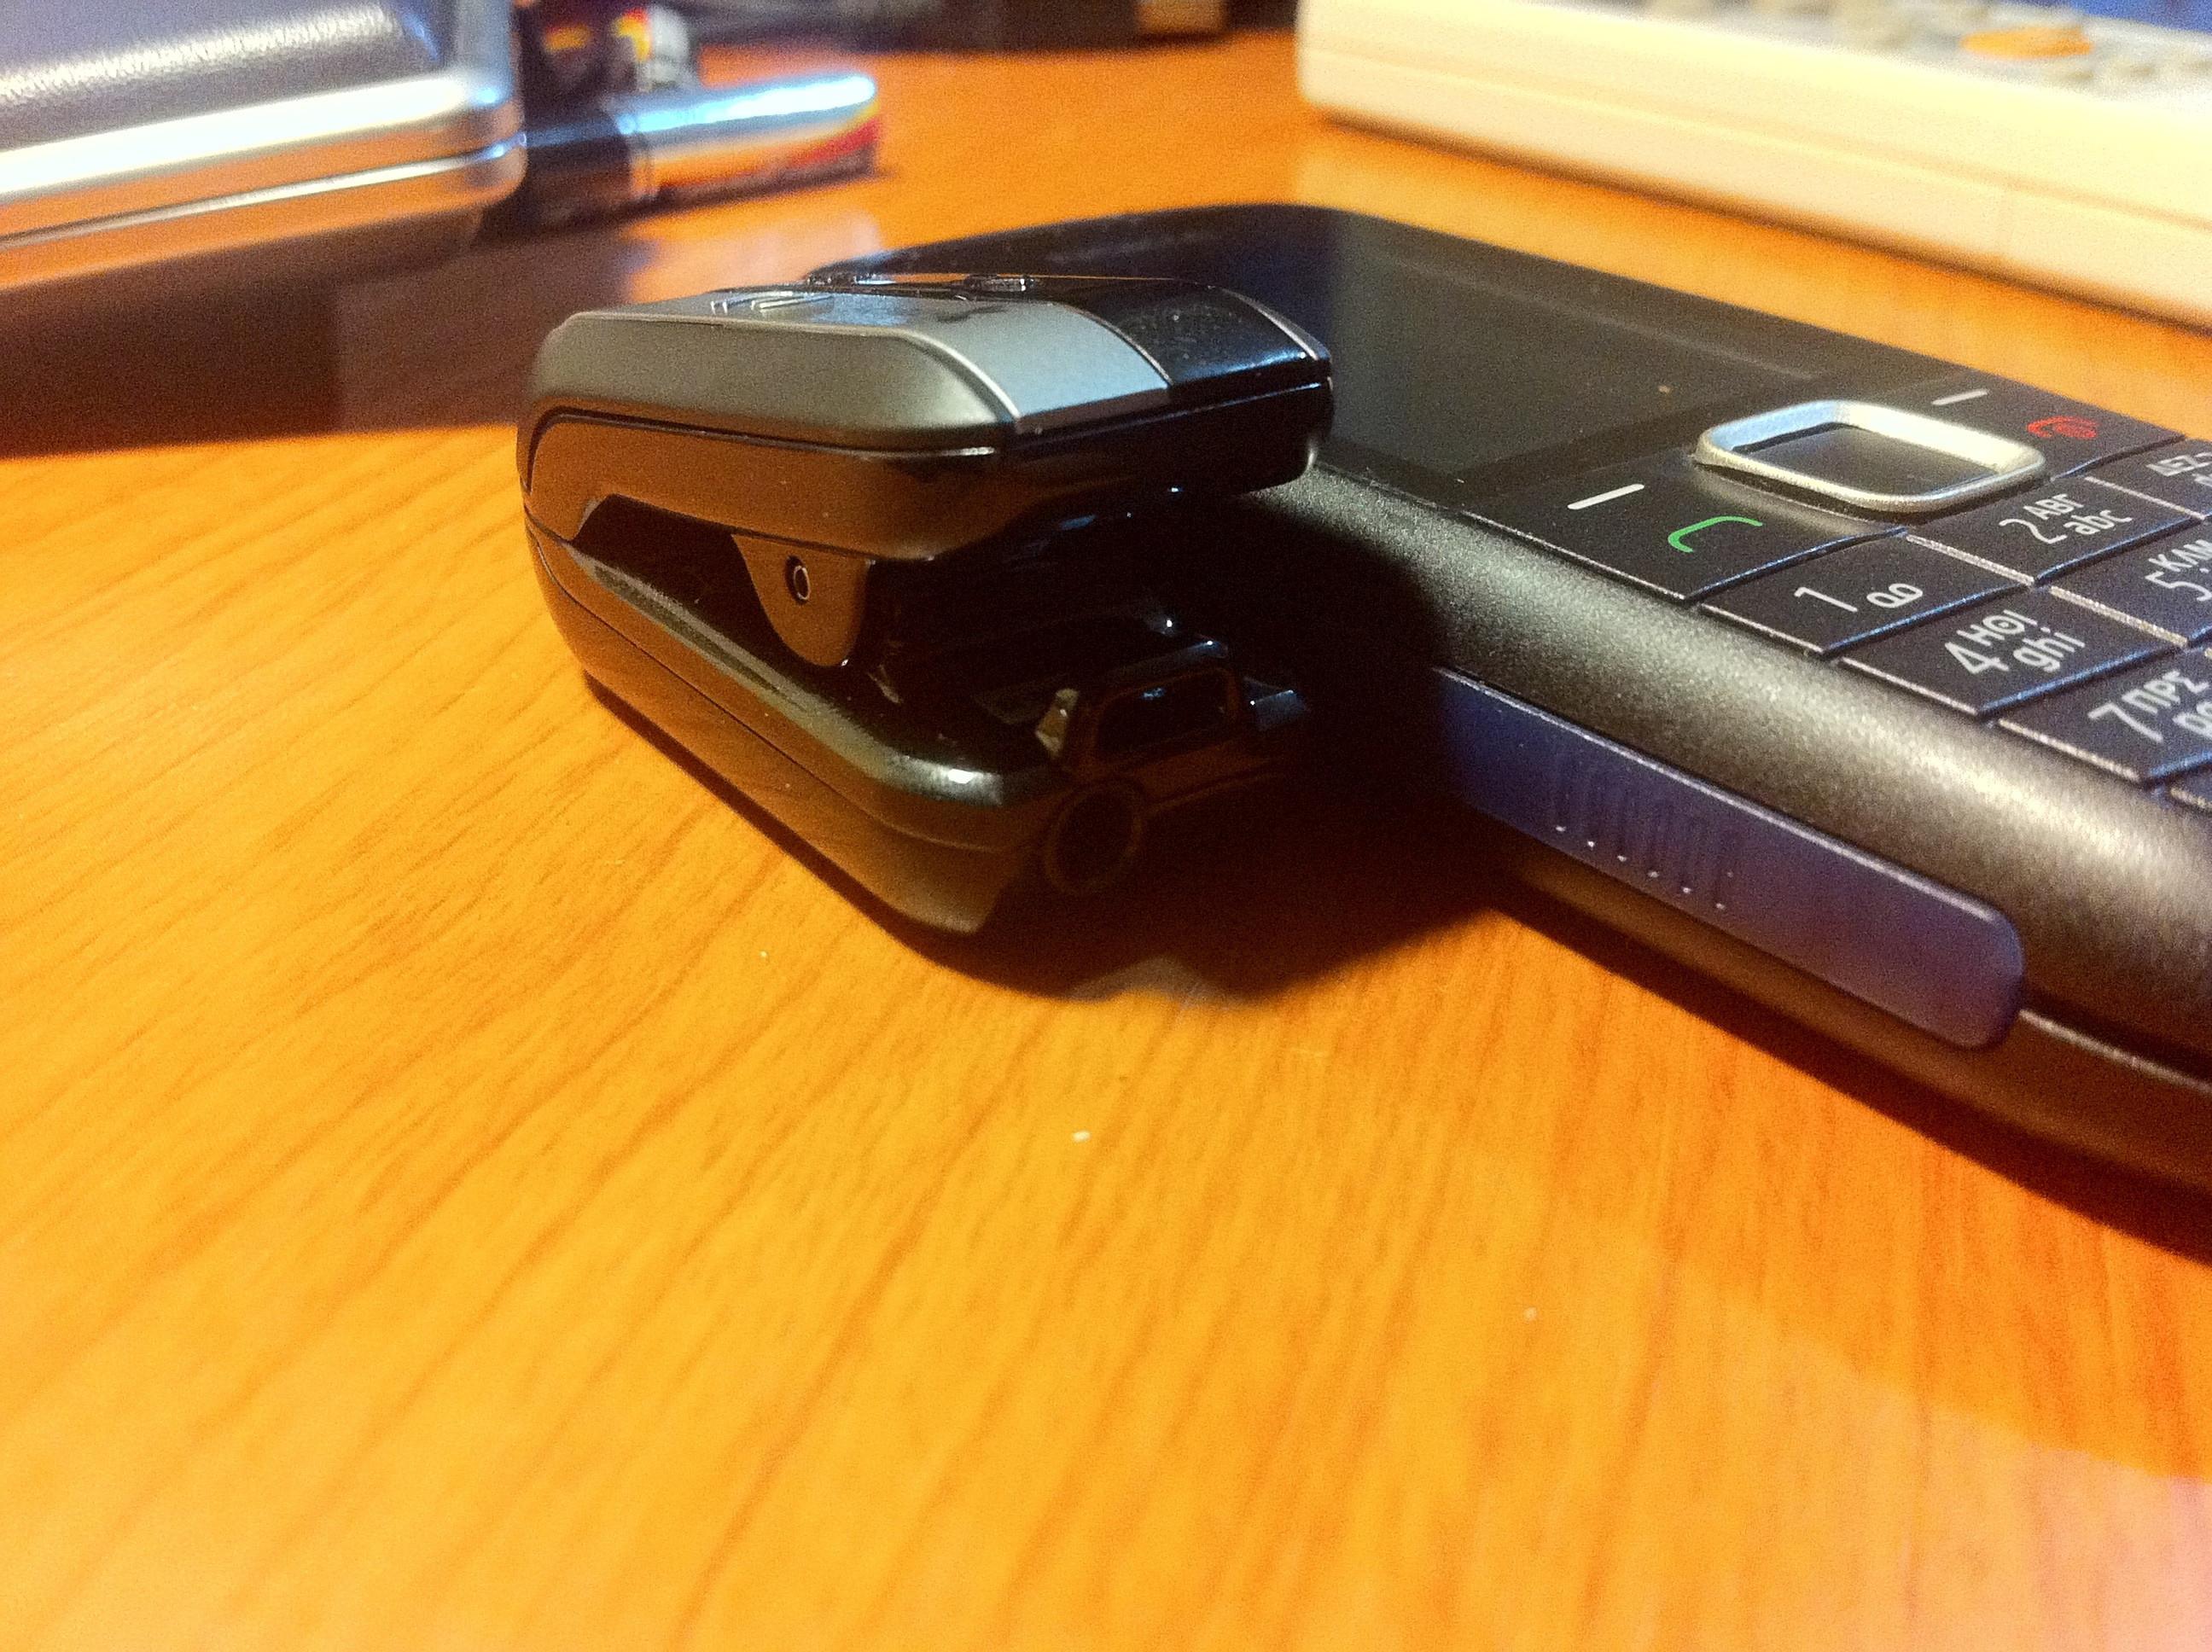 Πατήστε στην εικόνα για να τη δείτε σε μεγένθυνση  Όνομα:  iTechClipMusic802-vs-Nokia1616.jpg Εμφανίσεις:  86 Μέγεθος:  1,62 MB